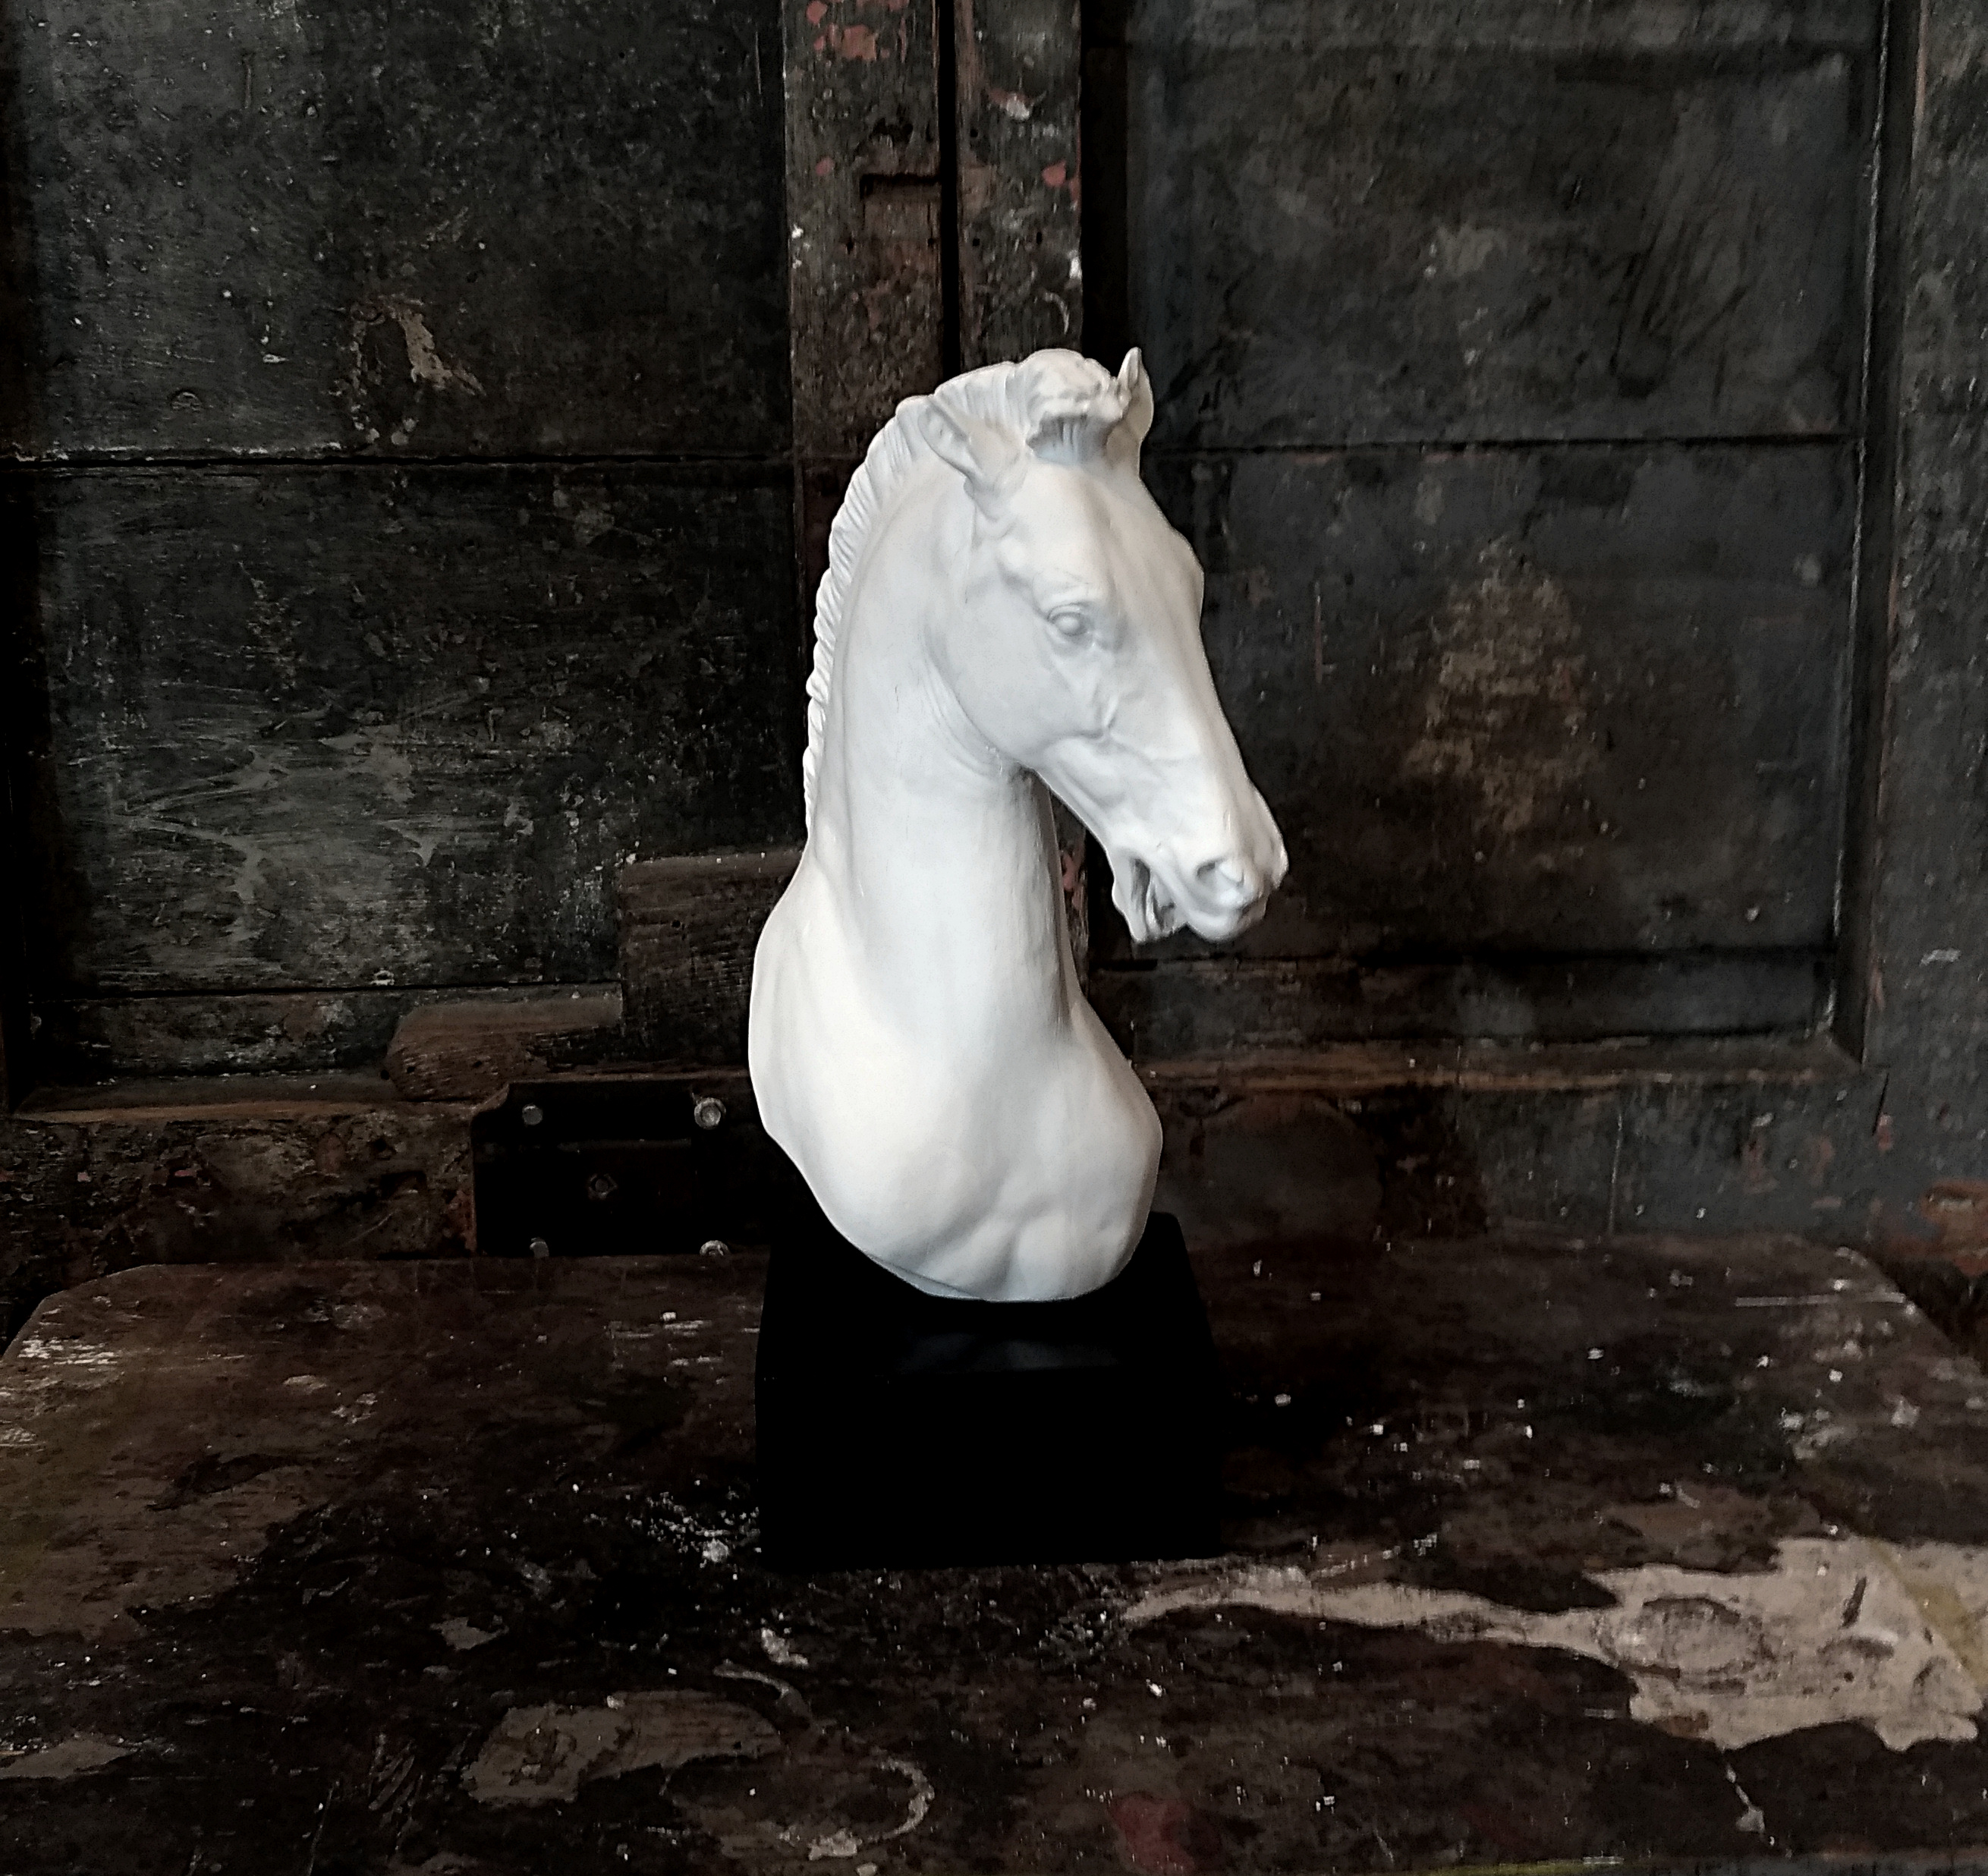 Testa di cavallo Image